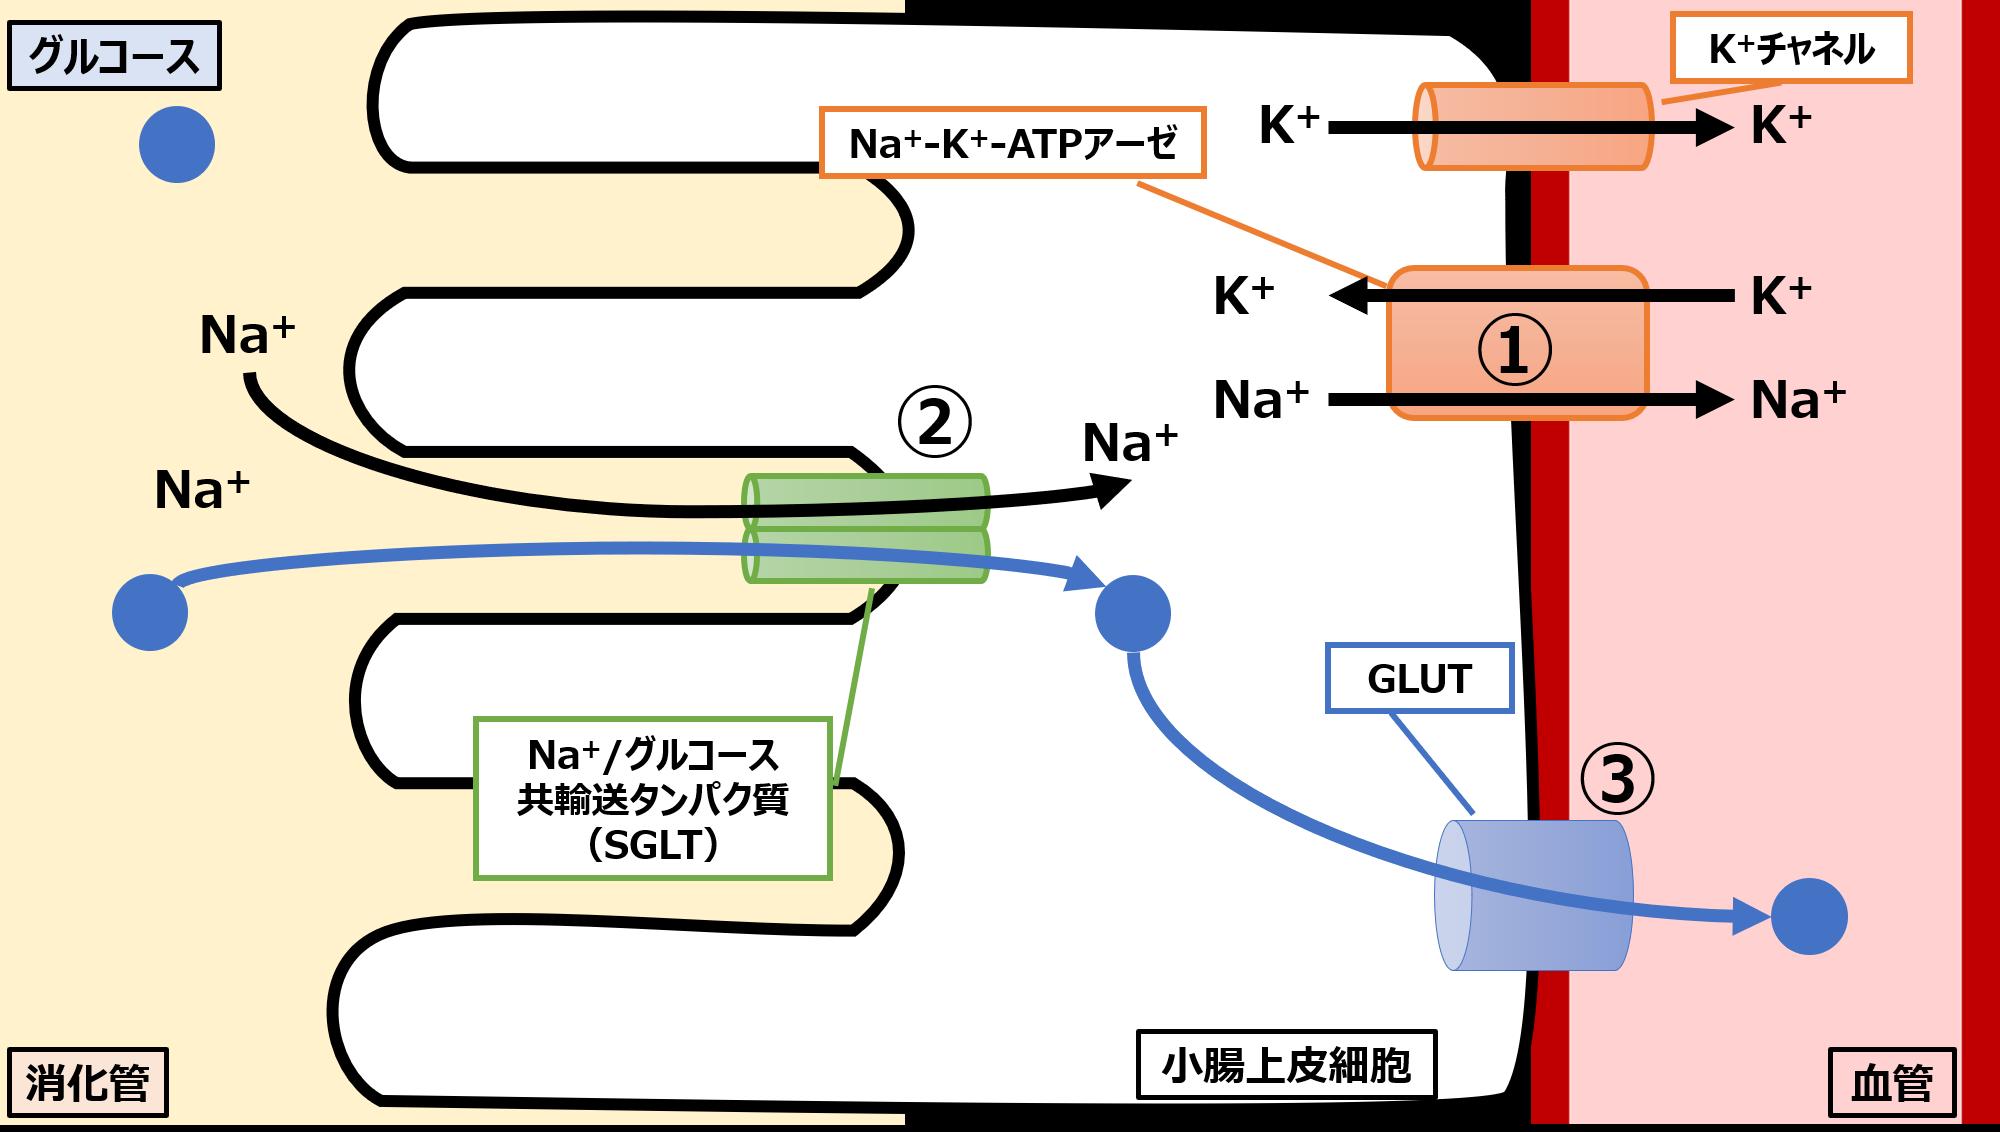 小腸上皮細胞でのグルコース吸収のメカニズム